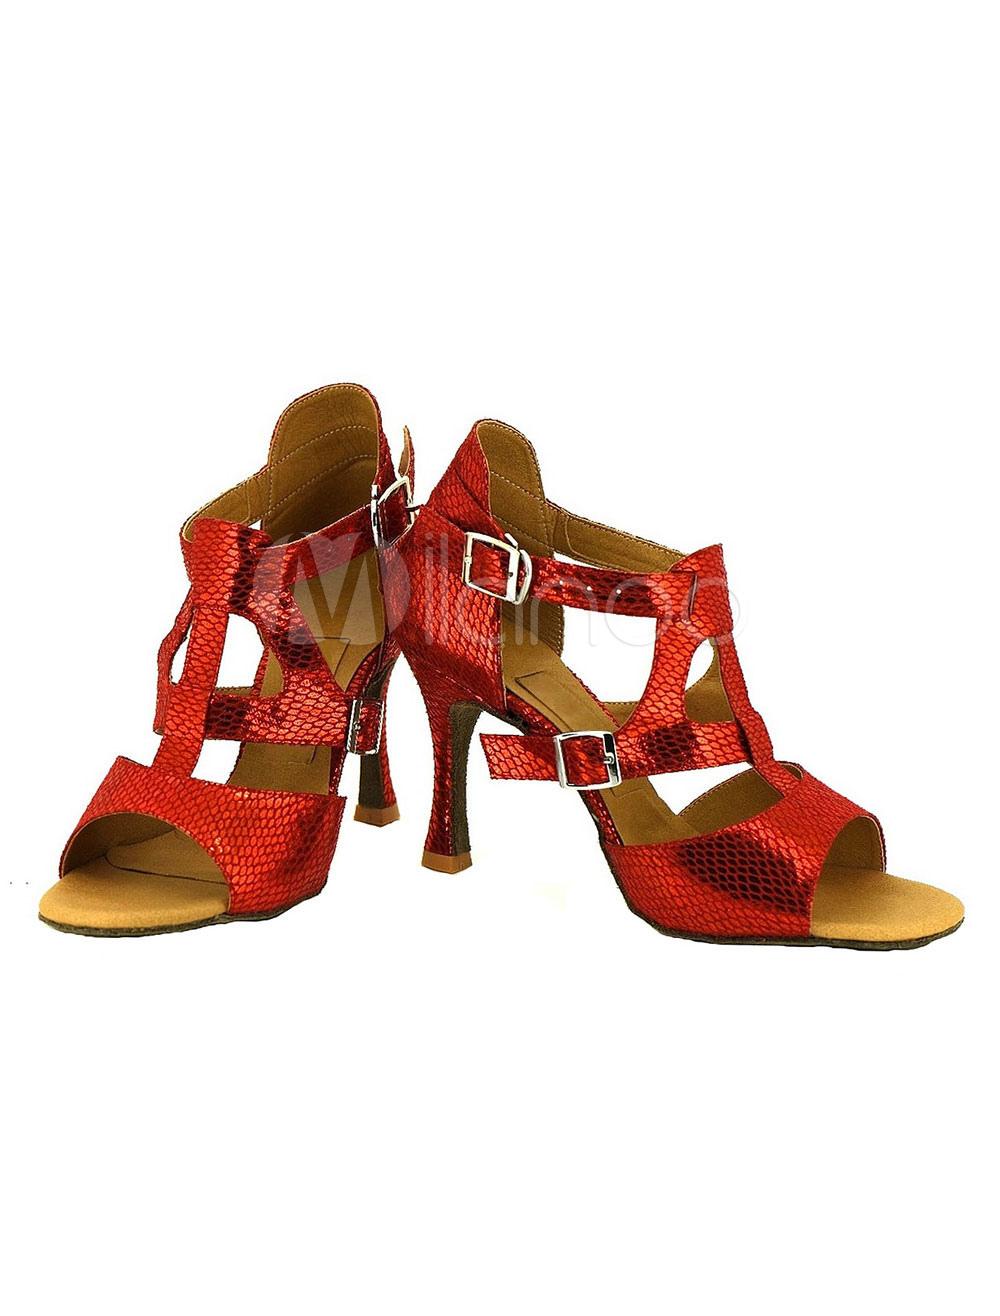 Baile zapatos Snake Print de las mujeres hebillas zapatos de salón personalizado con lentejuelas Vw6vfH